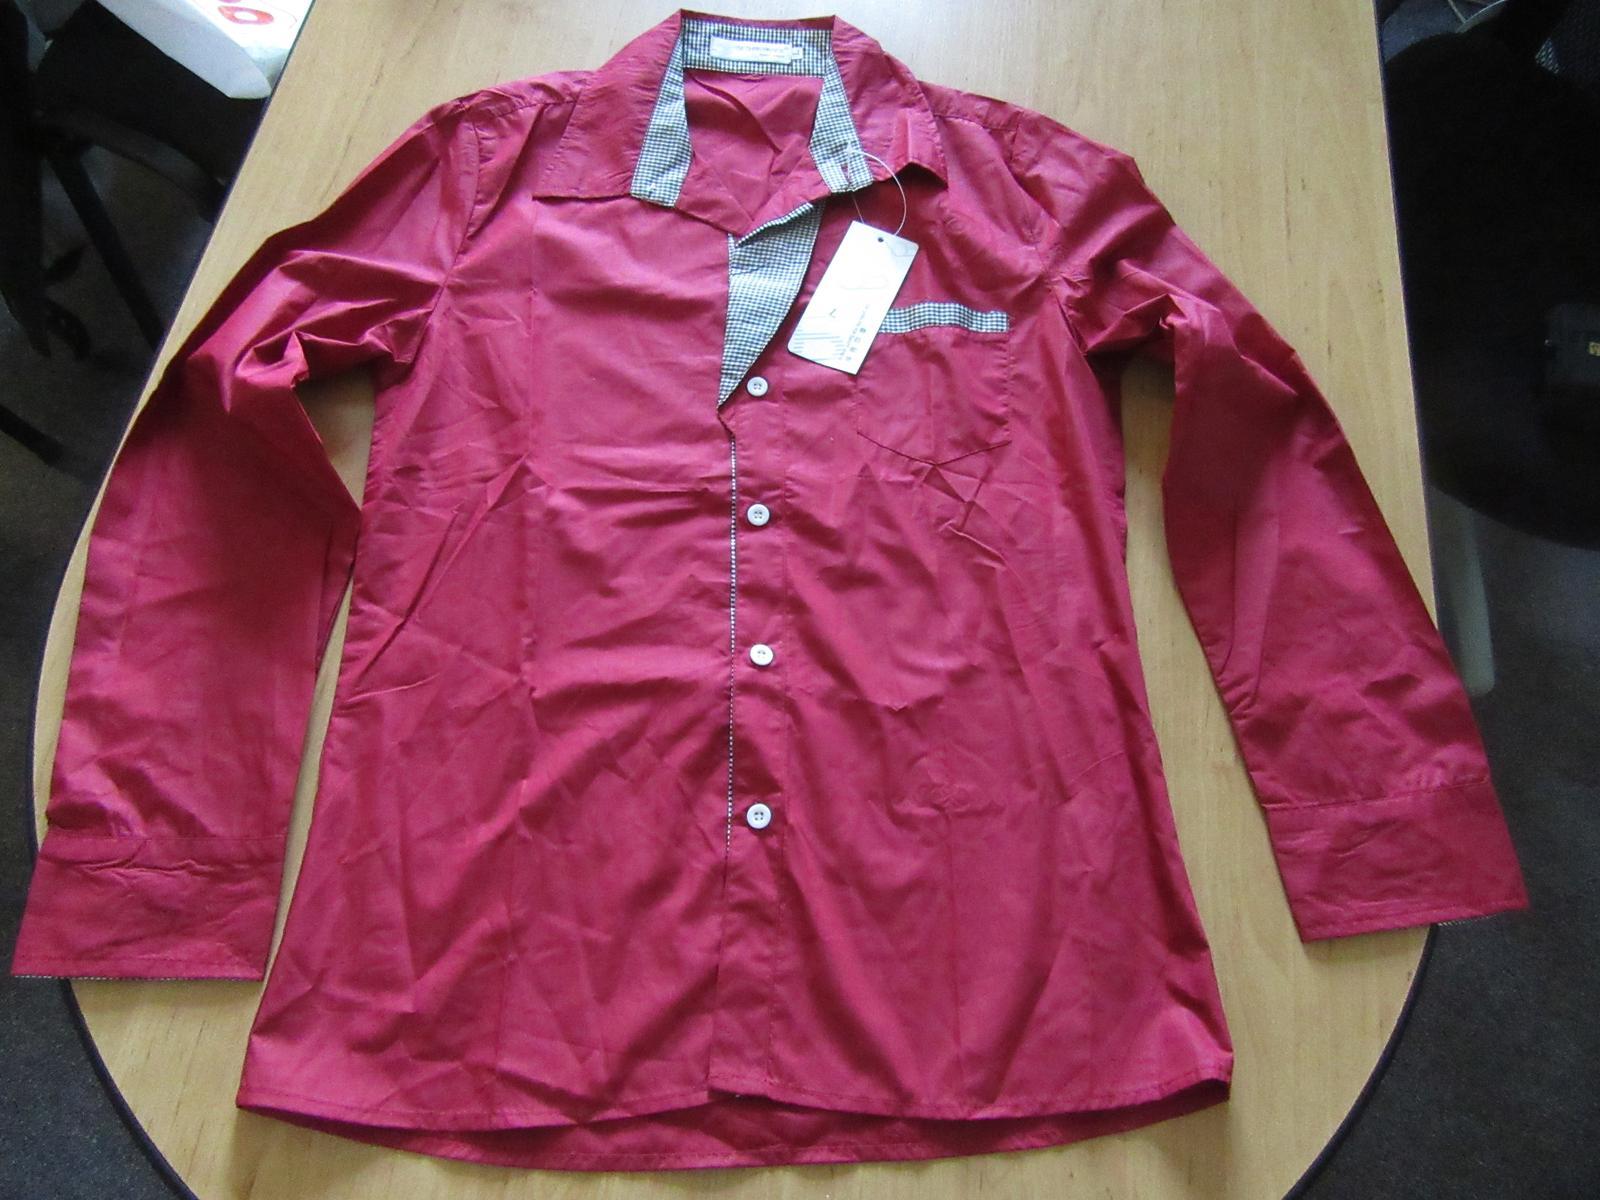 Košile vel. 38  - Obrázek č. 1